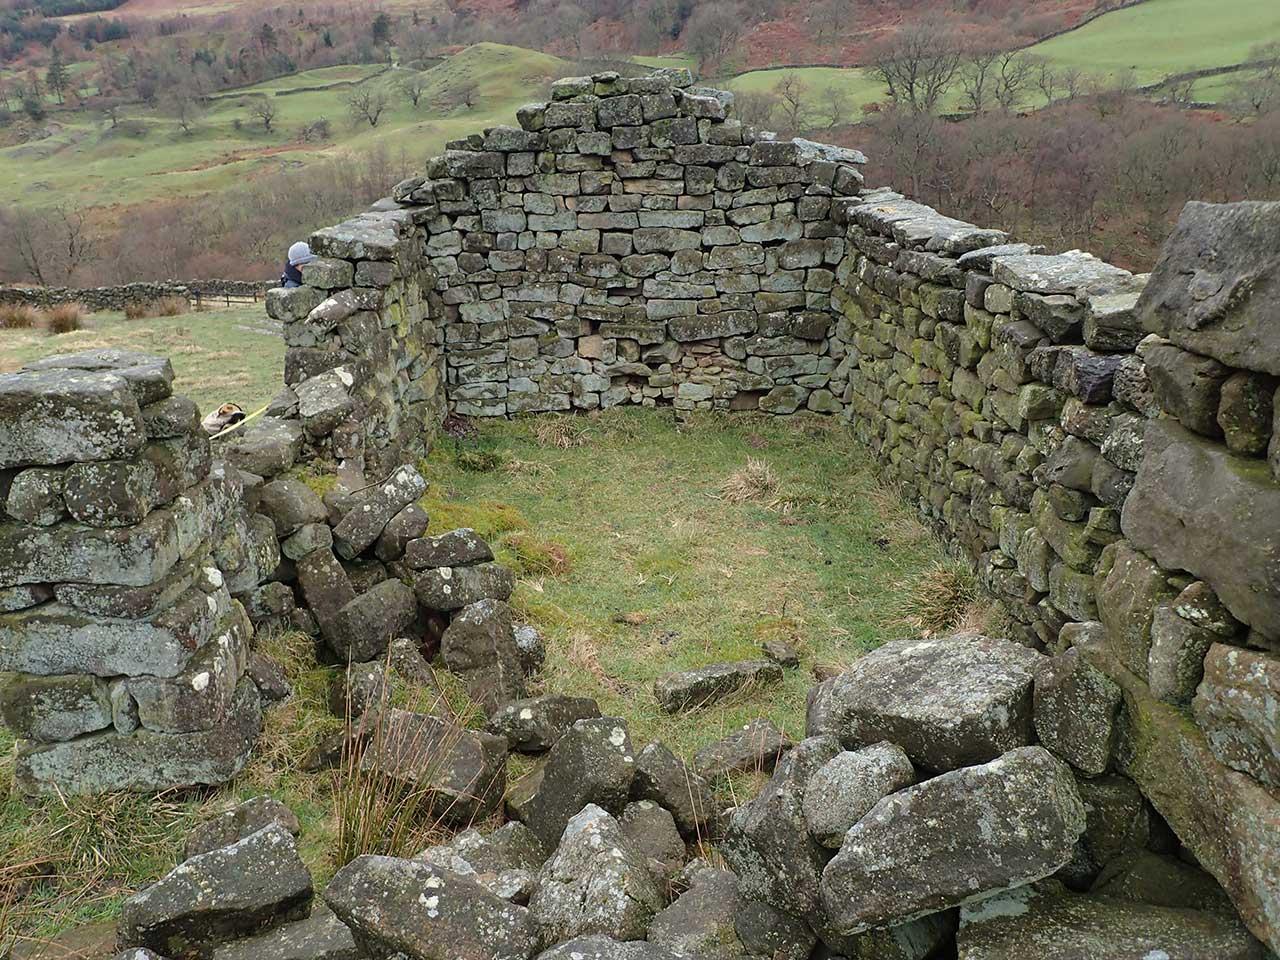 Ebenezer Site